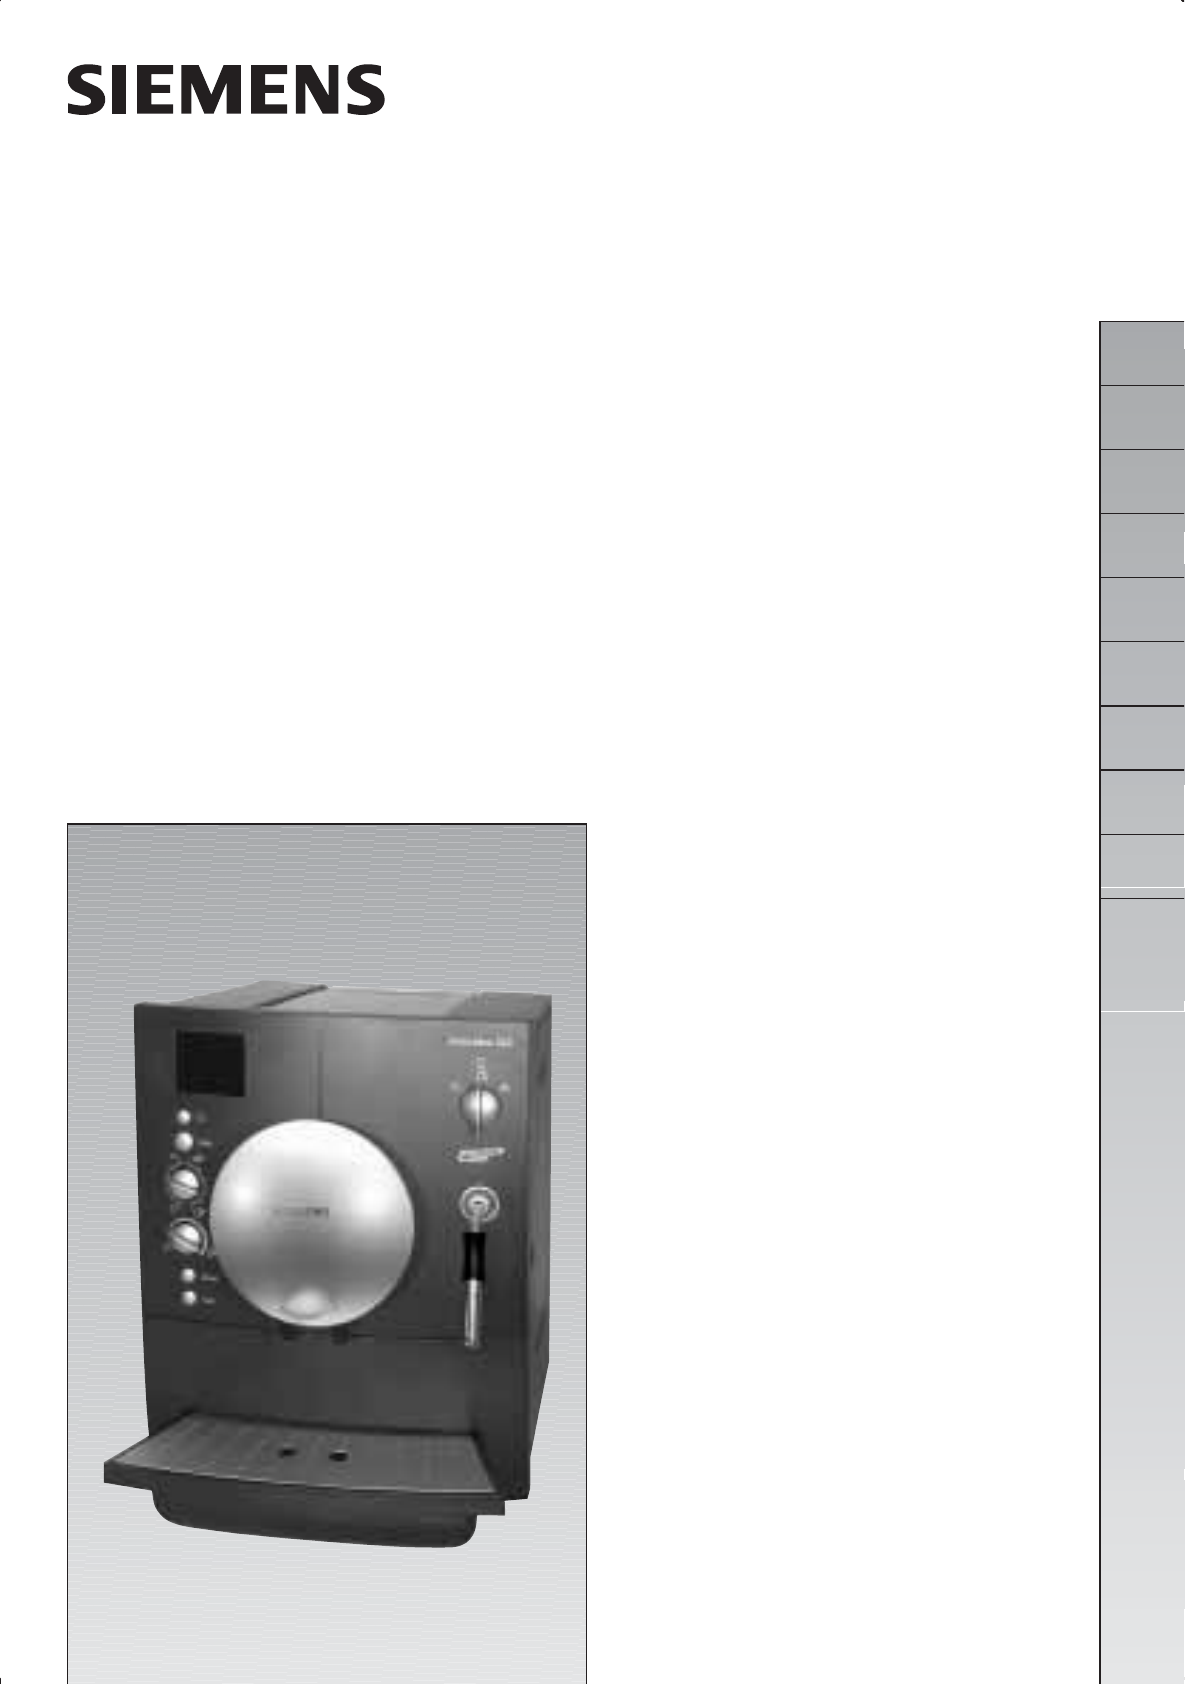 bedienungsanleitung siemens tk60001 surpresso s20 seite 1. Black Bedroom Furniture Sets. Home Design Ideas